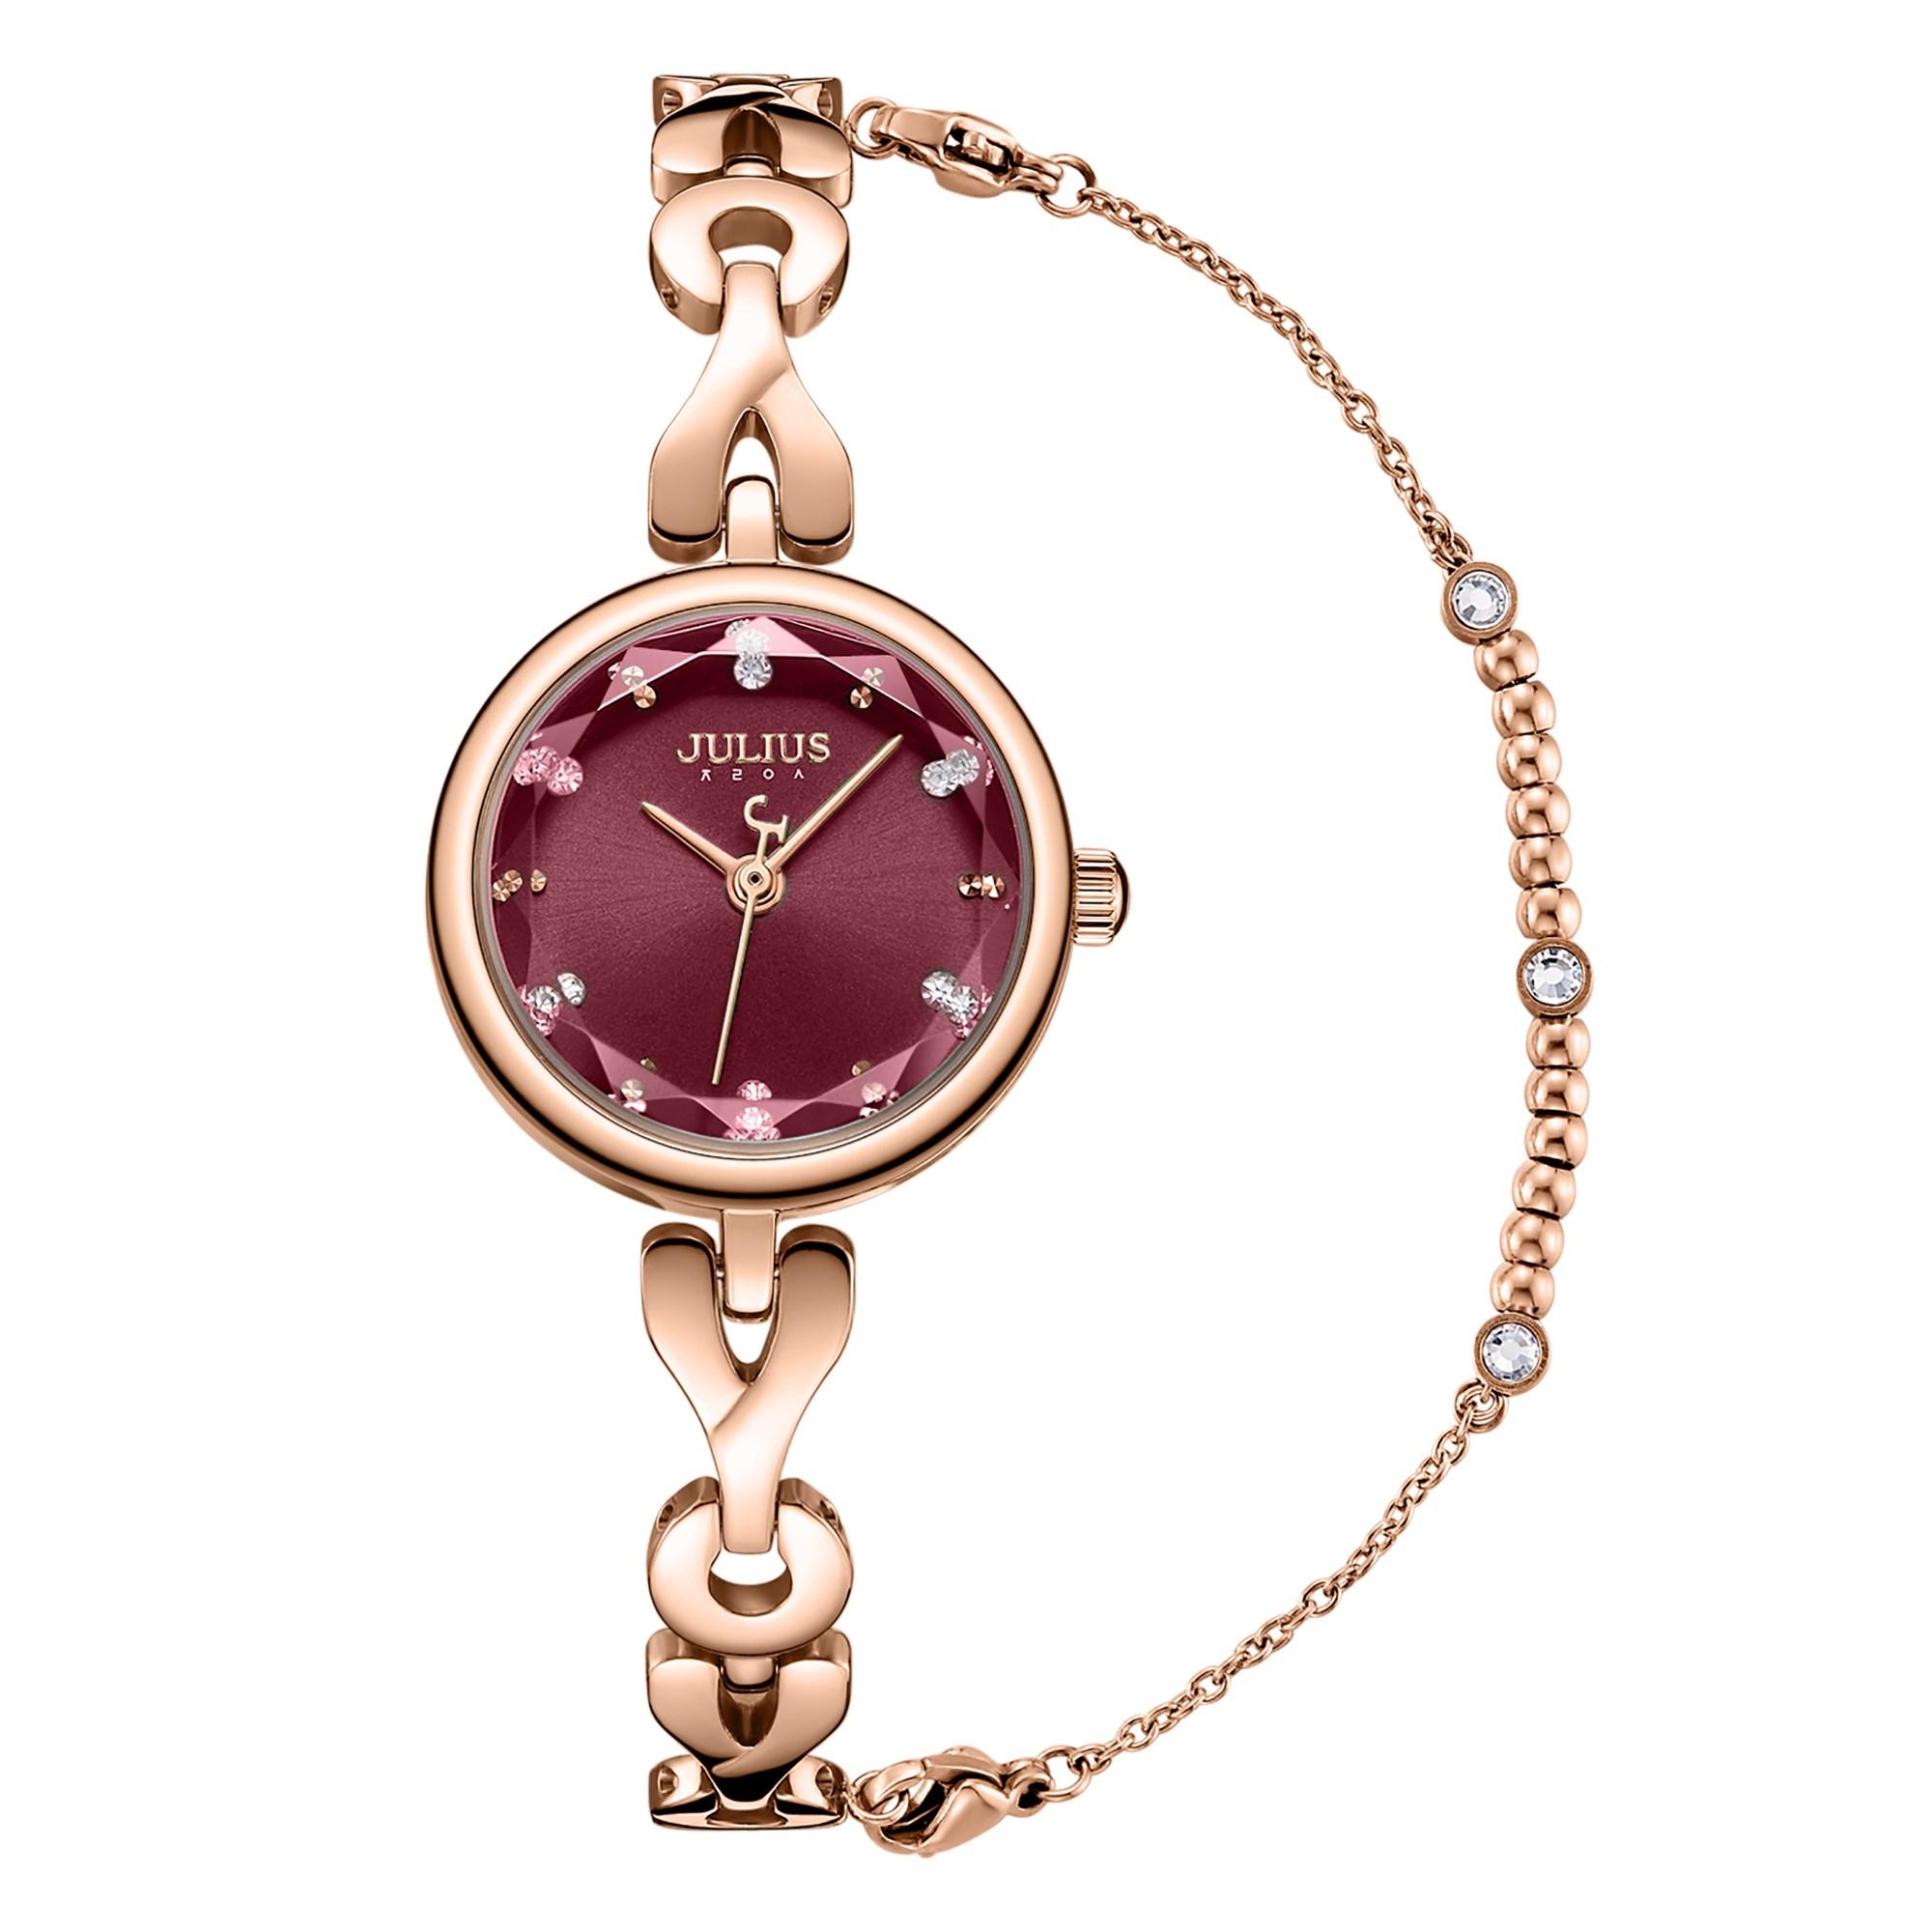 슈럭스 [쥴리어스 정품] 진세연 시계 크리미 여성 큐빅 메탈 팔찌시계 JA-1175